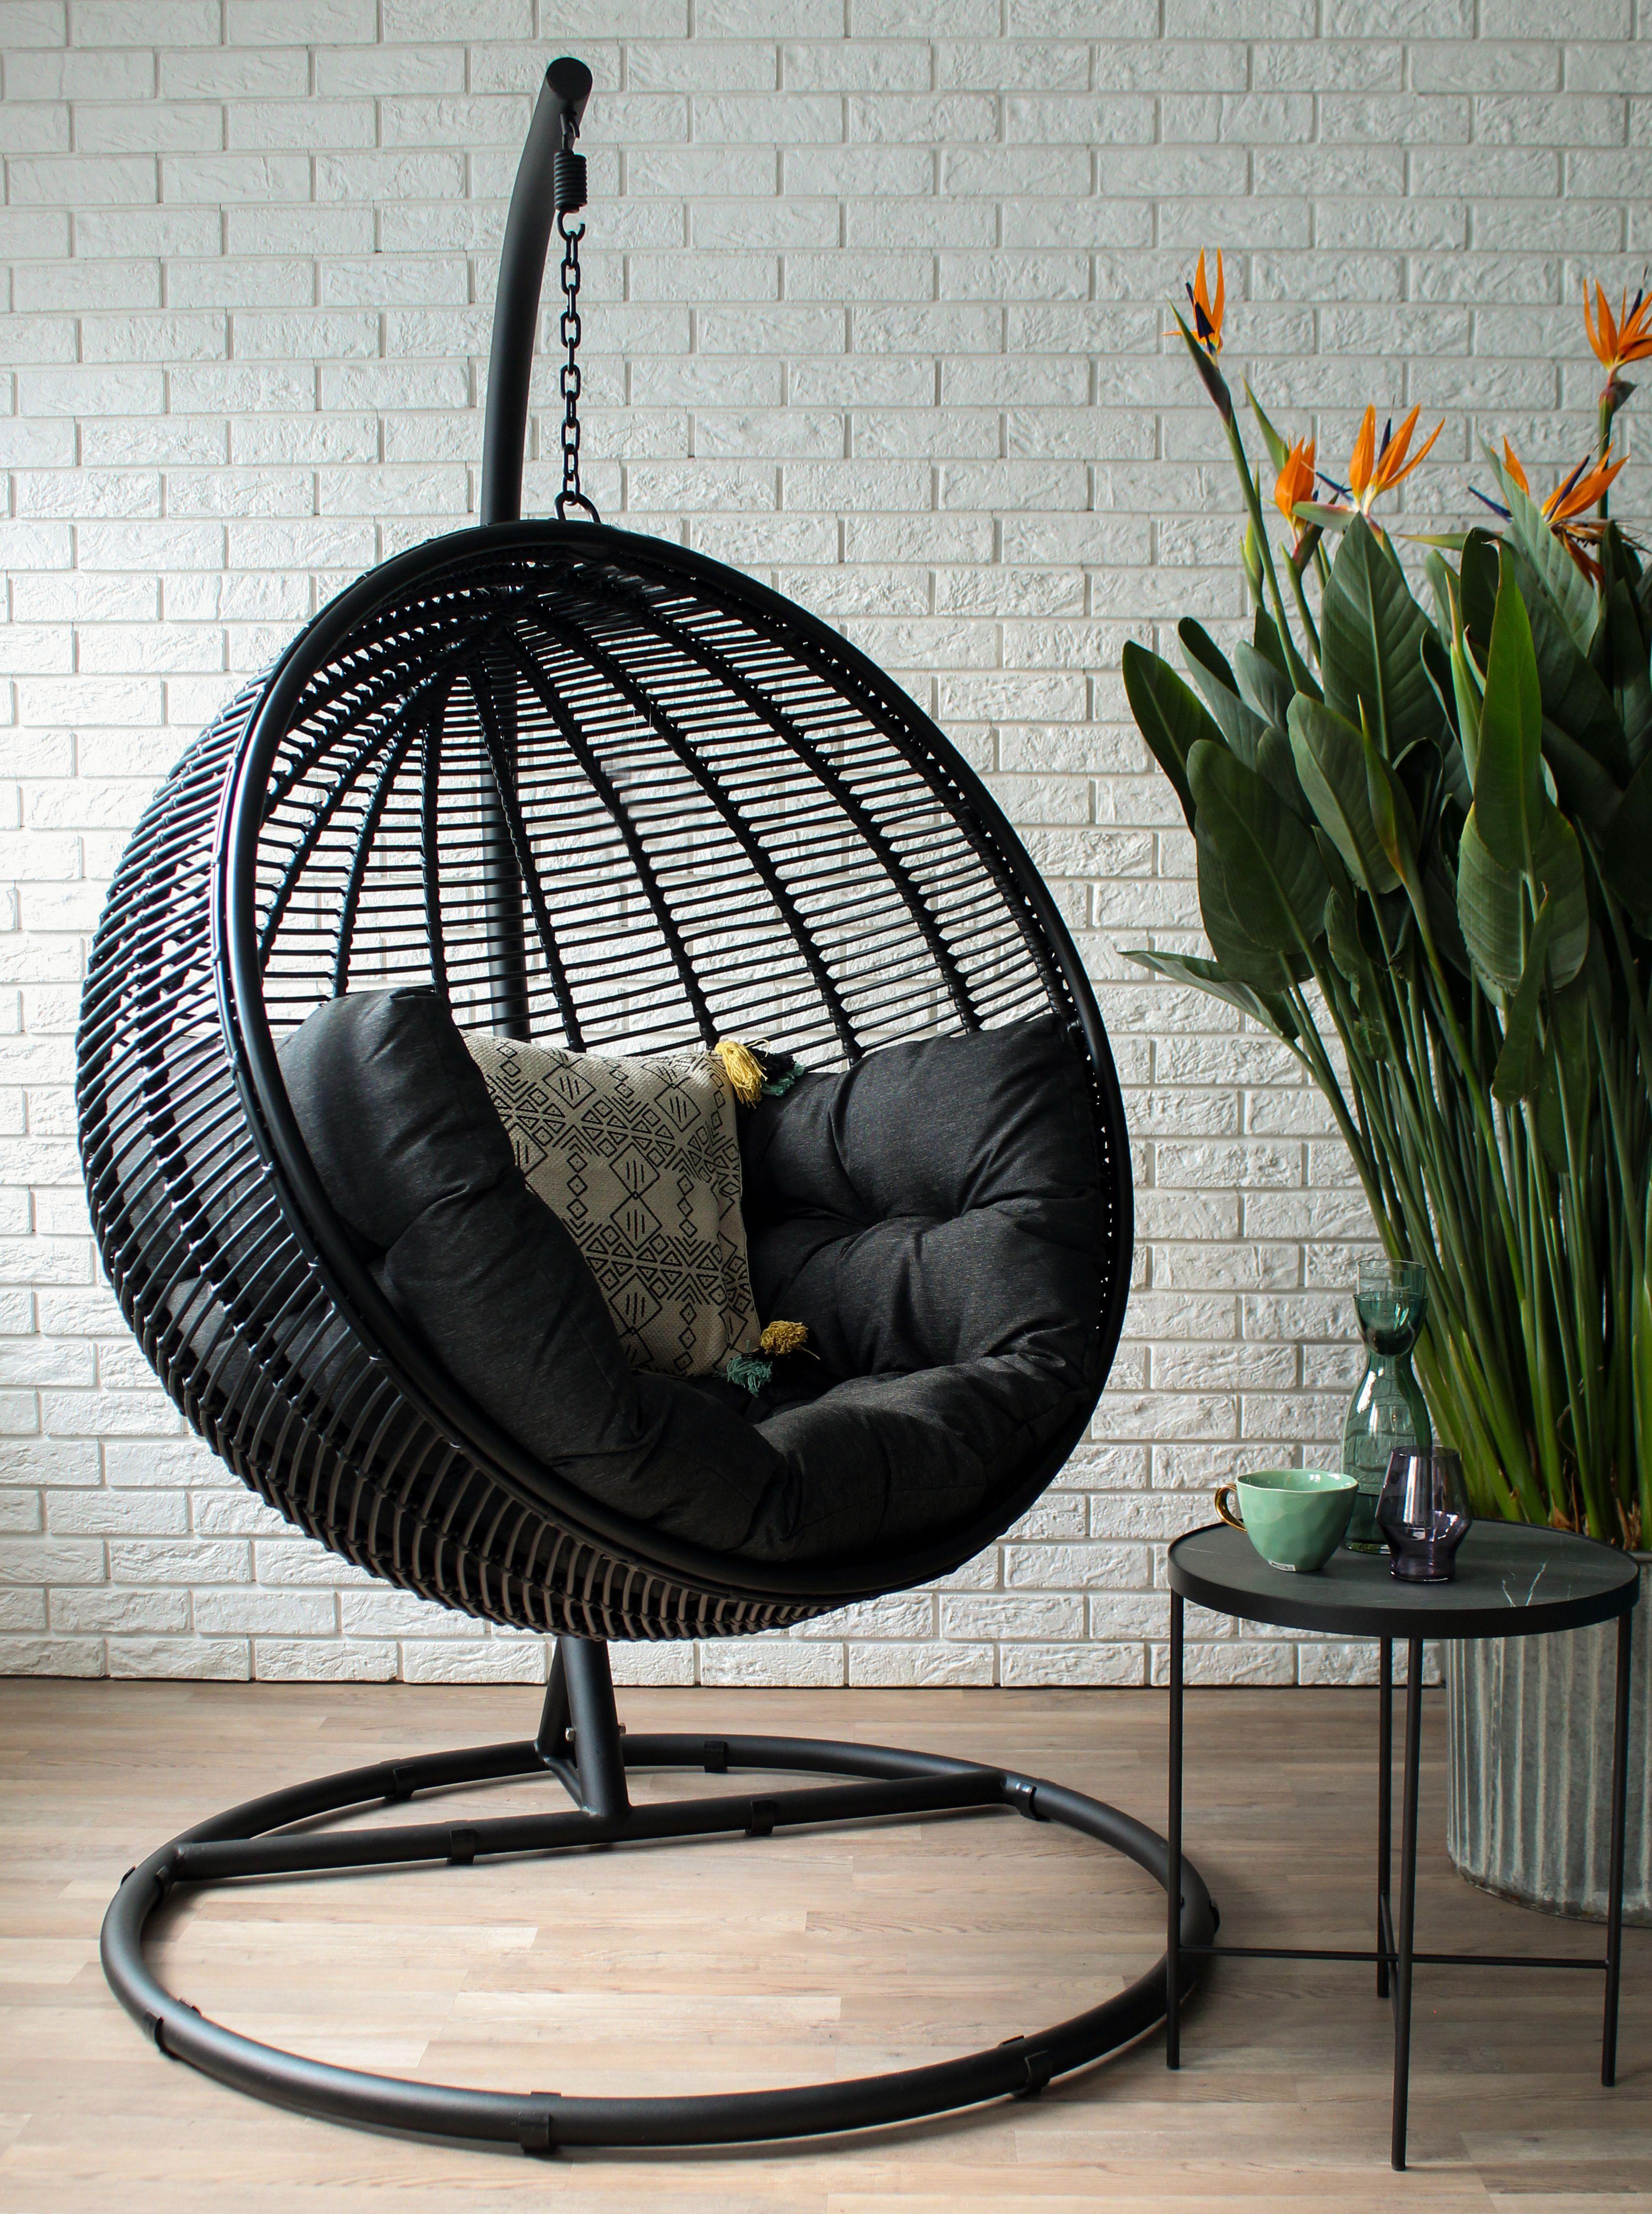 Miloo Fotel Ogrodowy Wiszacy Hustawka Ogrodowa Cocoon De Luxe Czarny Przedsprzedaz Dostawa Koniec Kwietnia Hanging Chair Furniture Decor